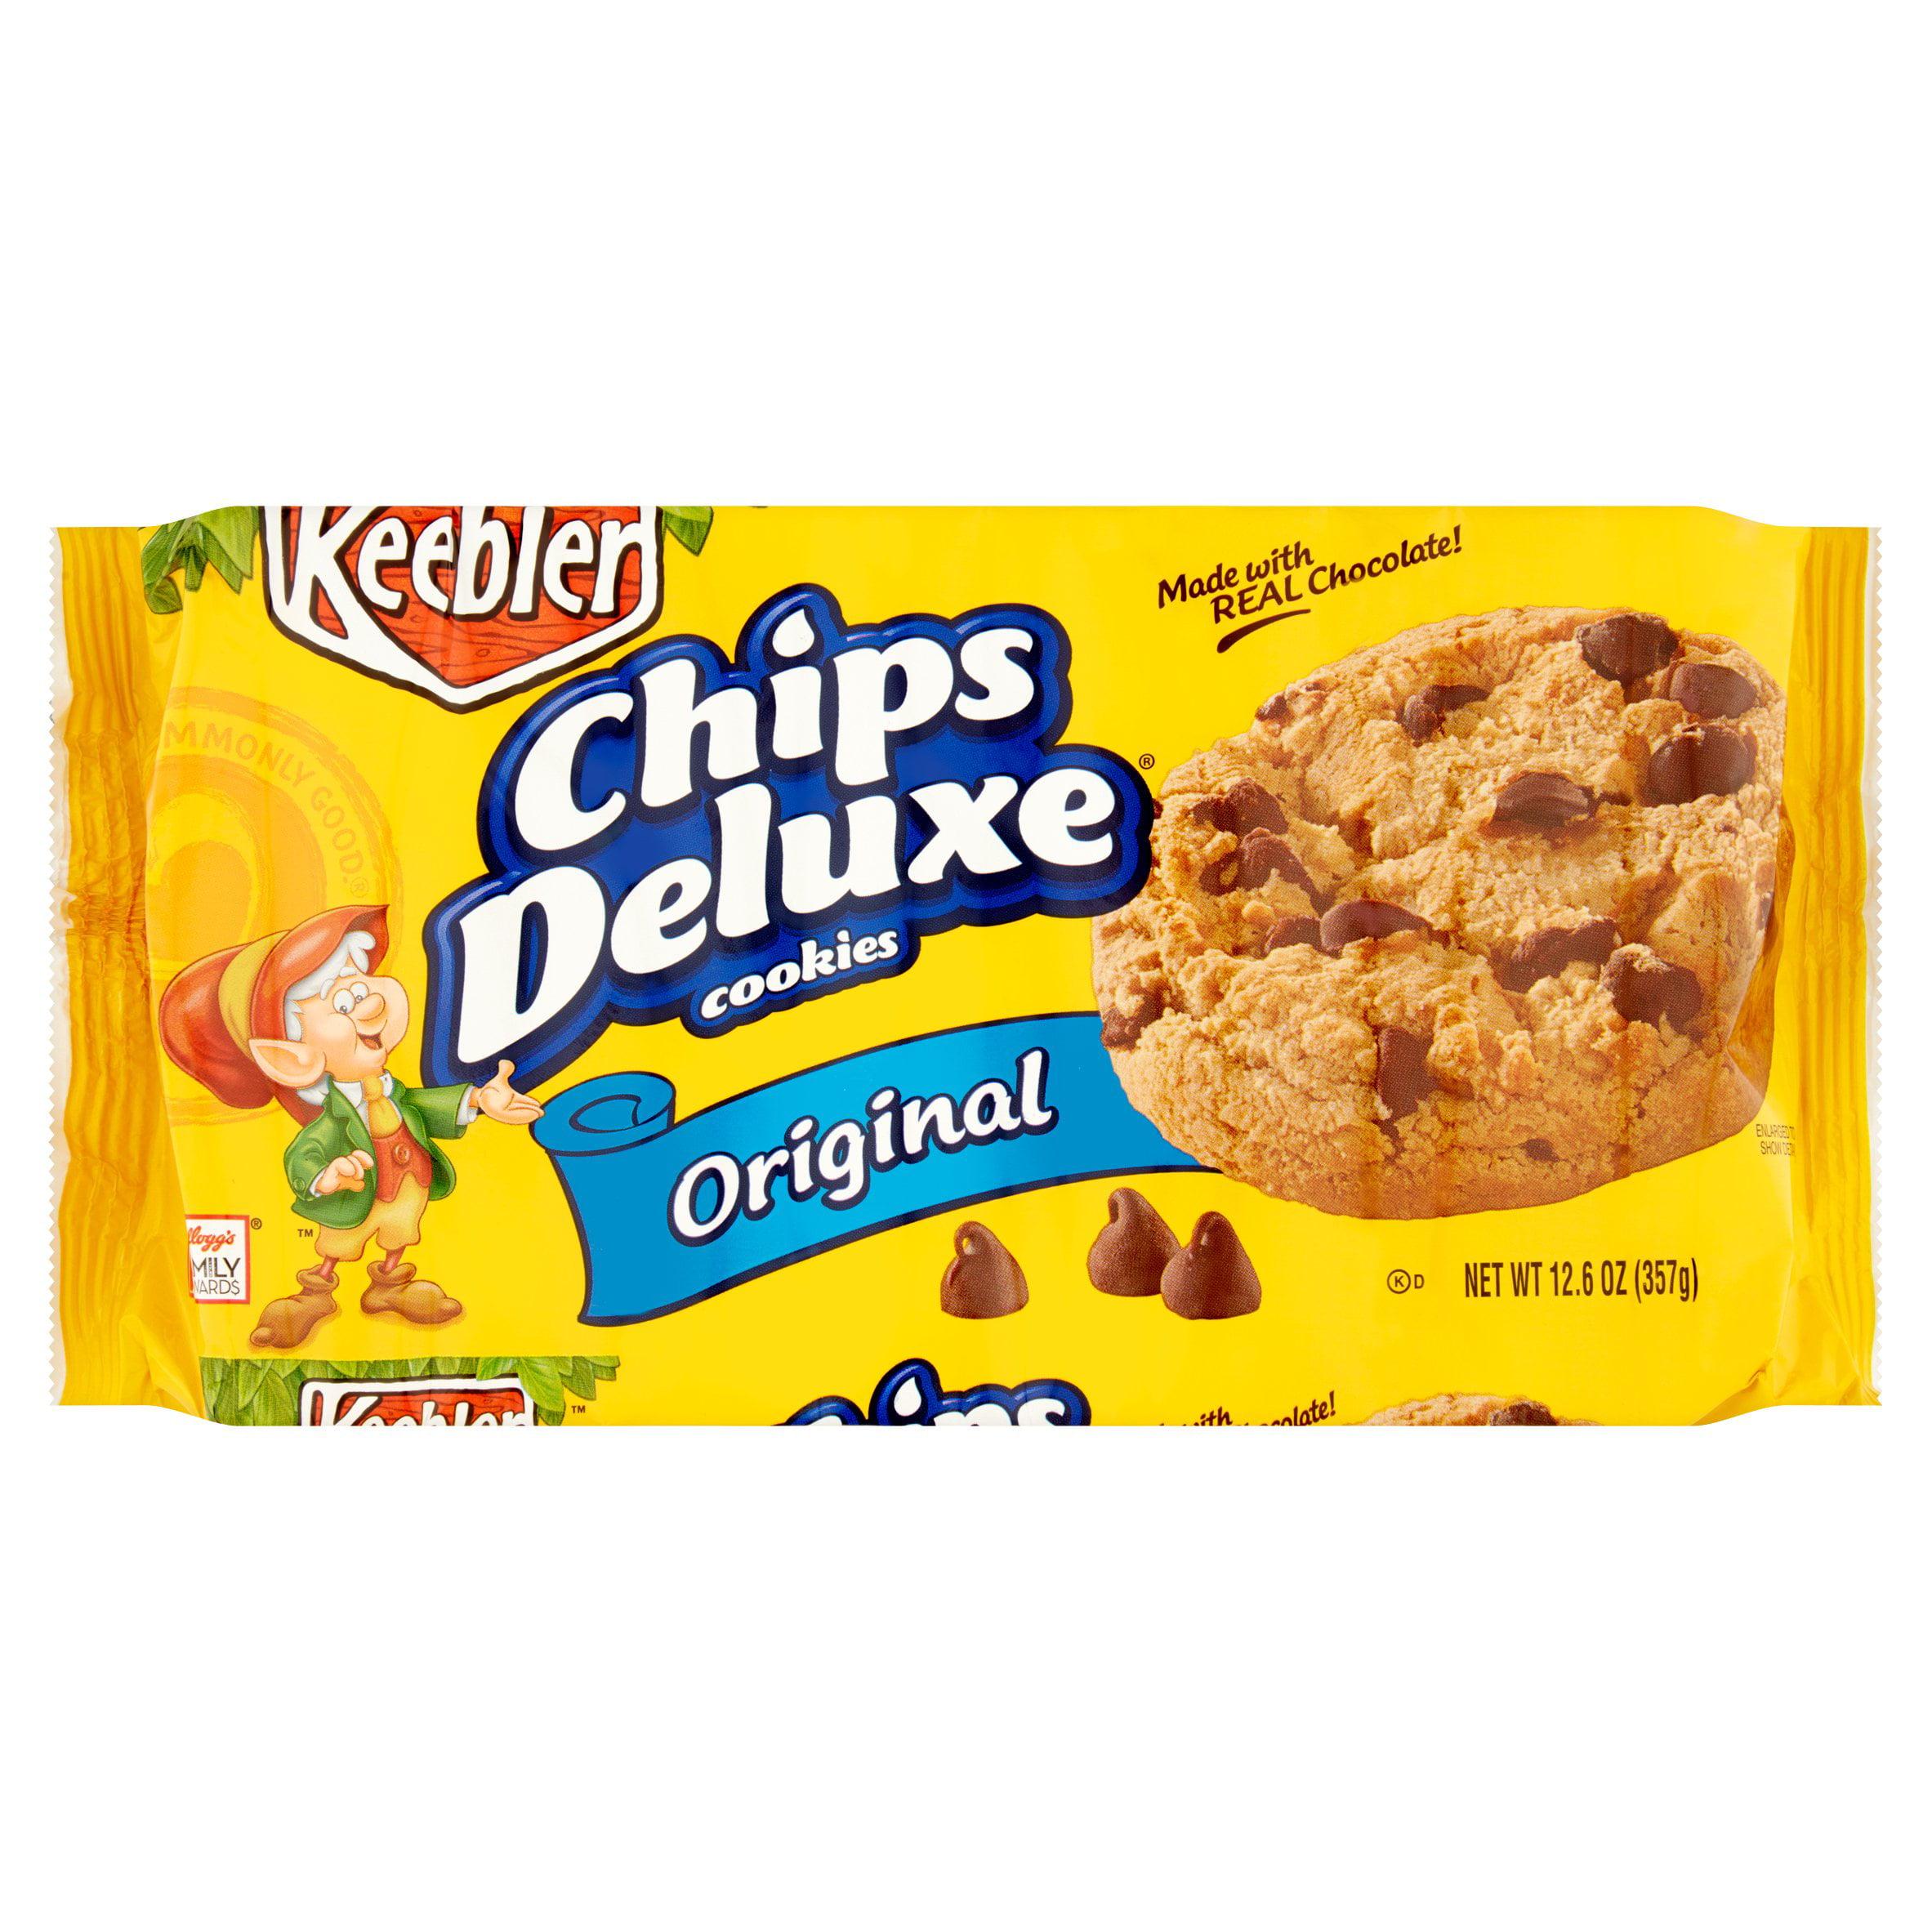 Keebler Chips Deluxe Original Cookies, 12.6 oz, 12 count